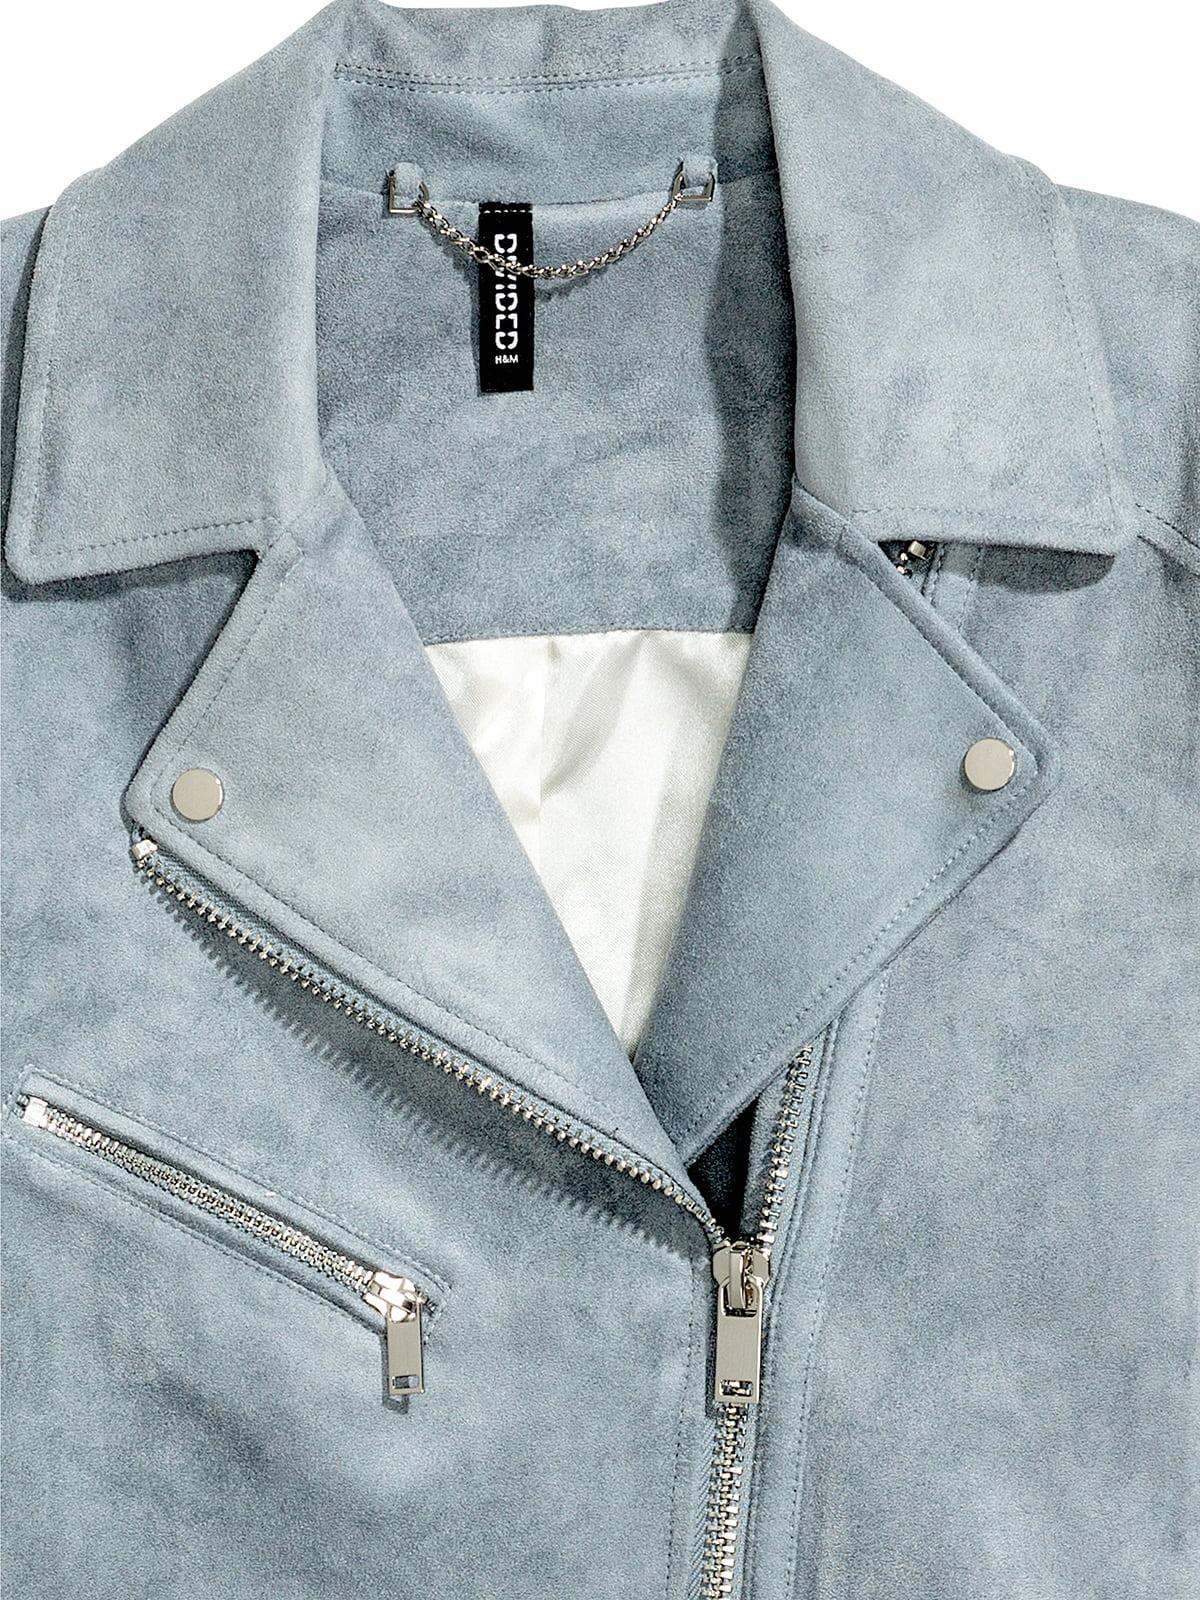 Куртка м'ятного кольору   5073032   фото 4